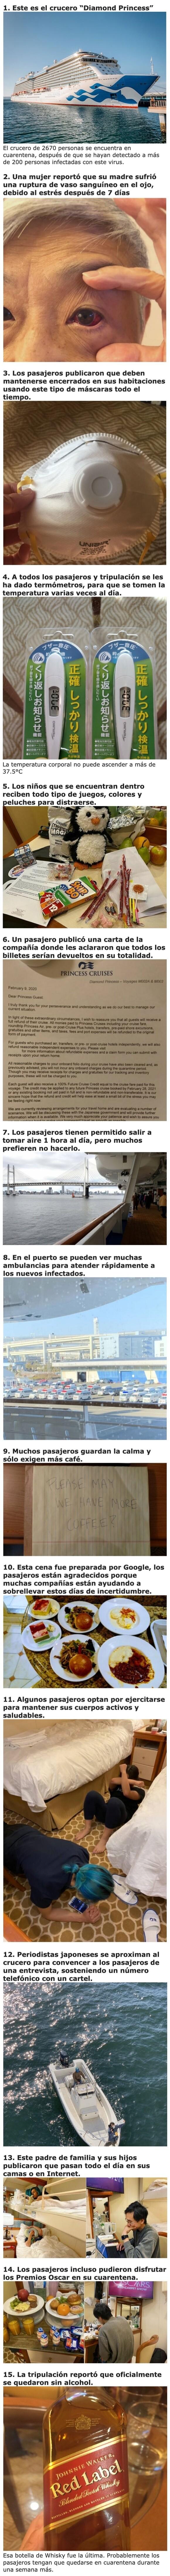 2871 - Fotos de las personas que están atrapadas en el crucero del coronavirus